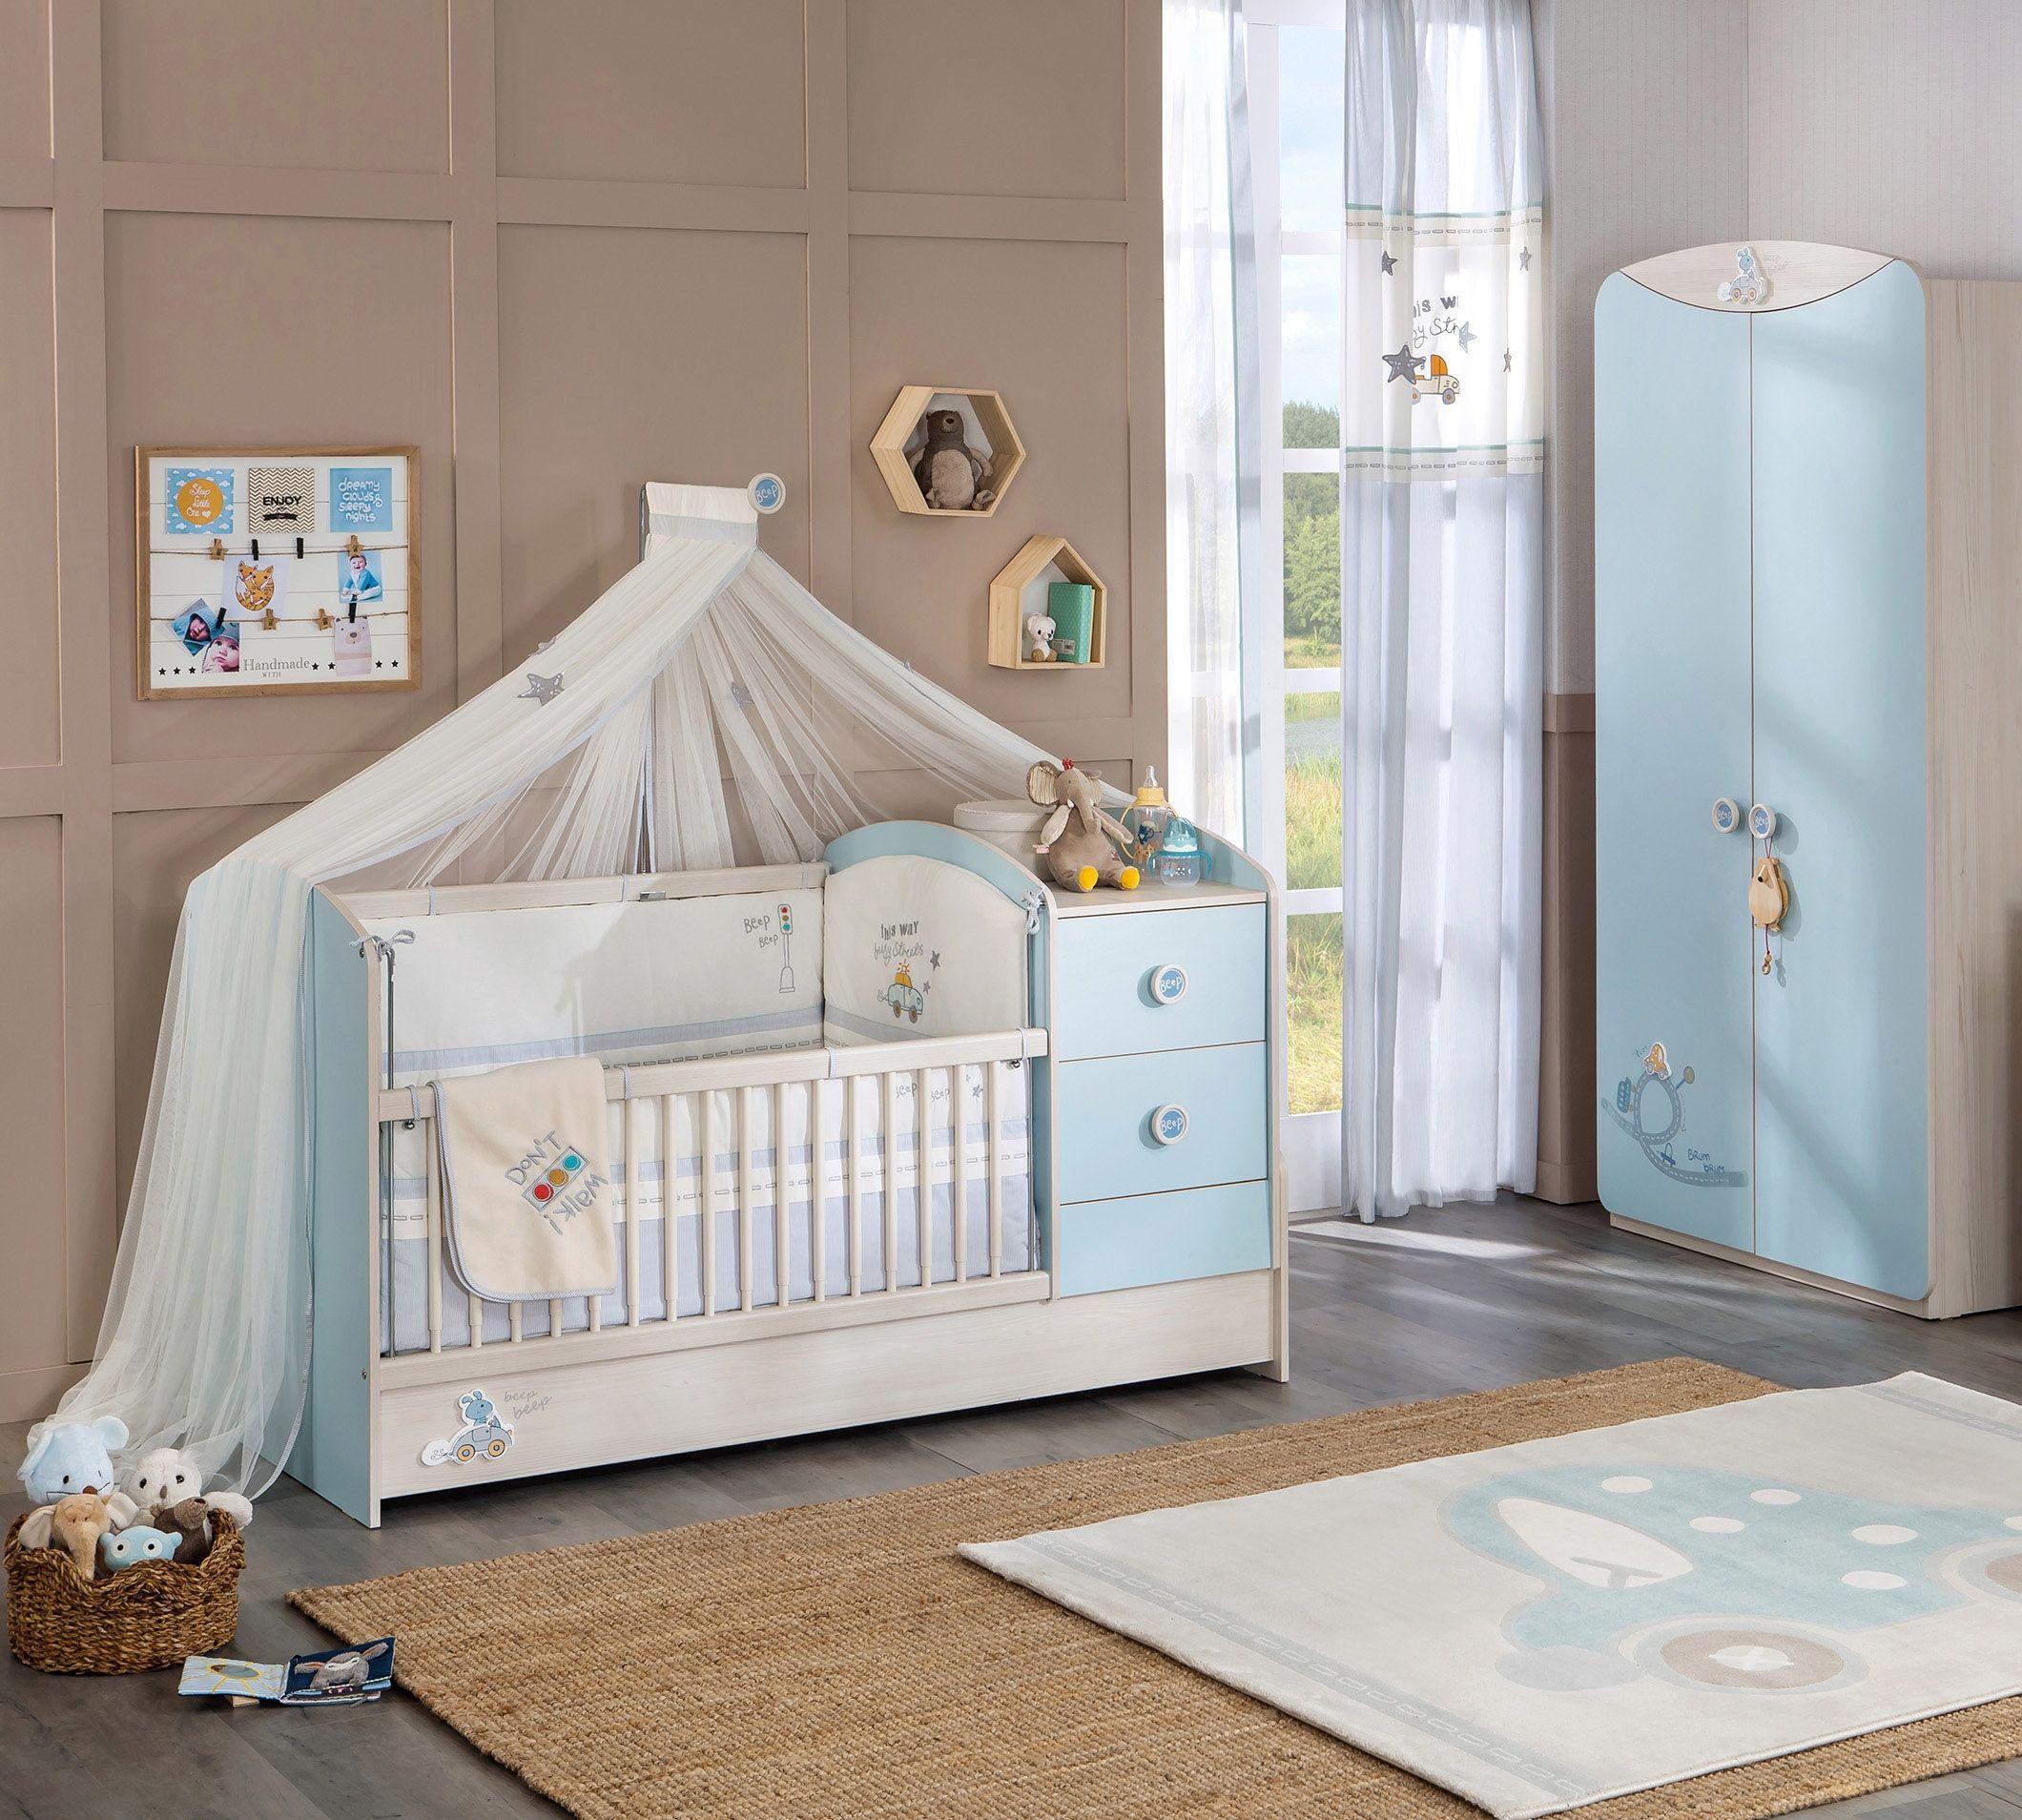 Babybed Met Kast.Babykamer Blauw Babybed Ledikant Troonhemel Kast